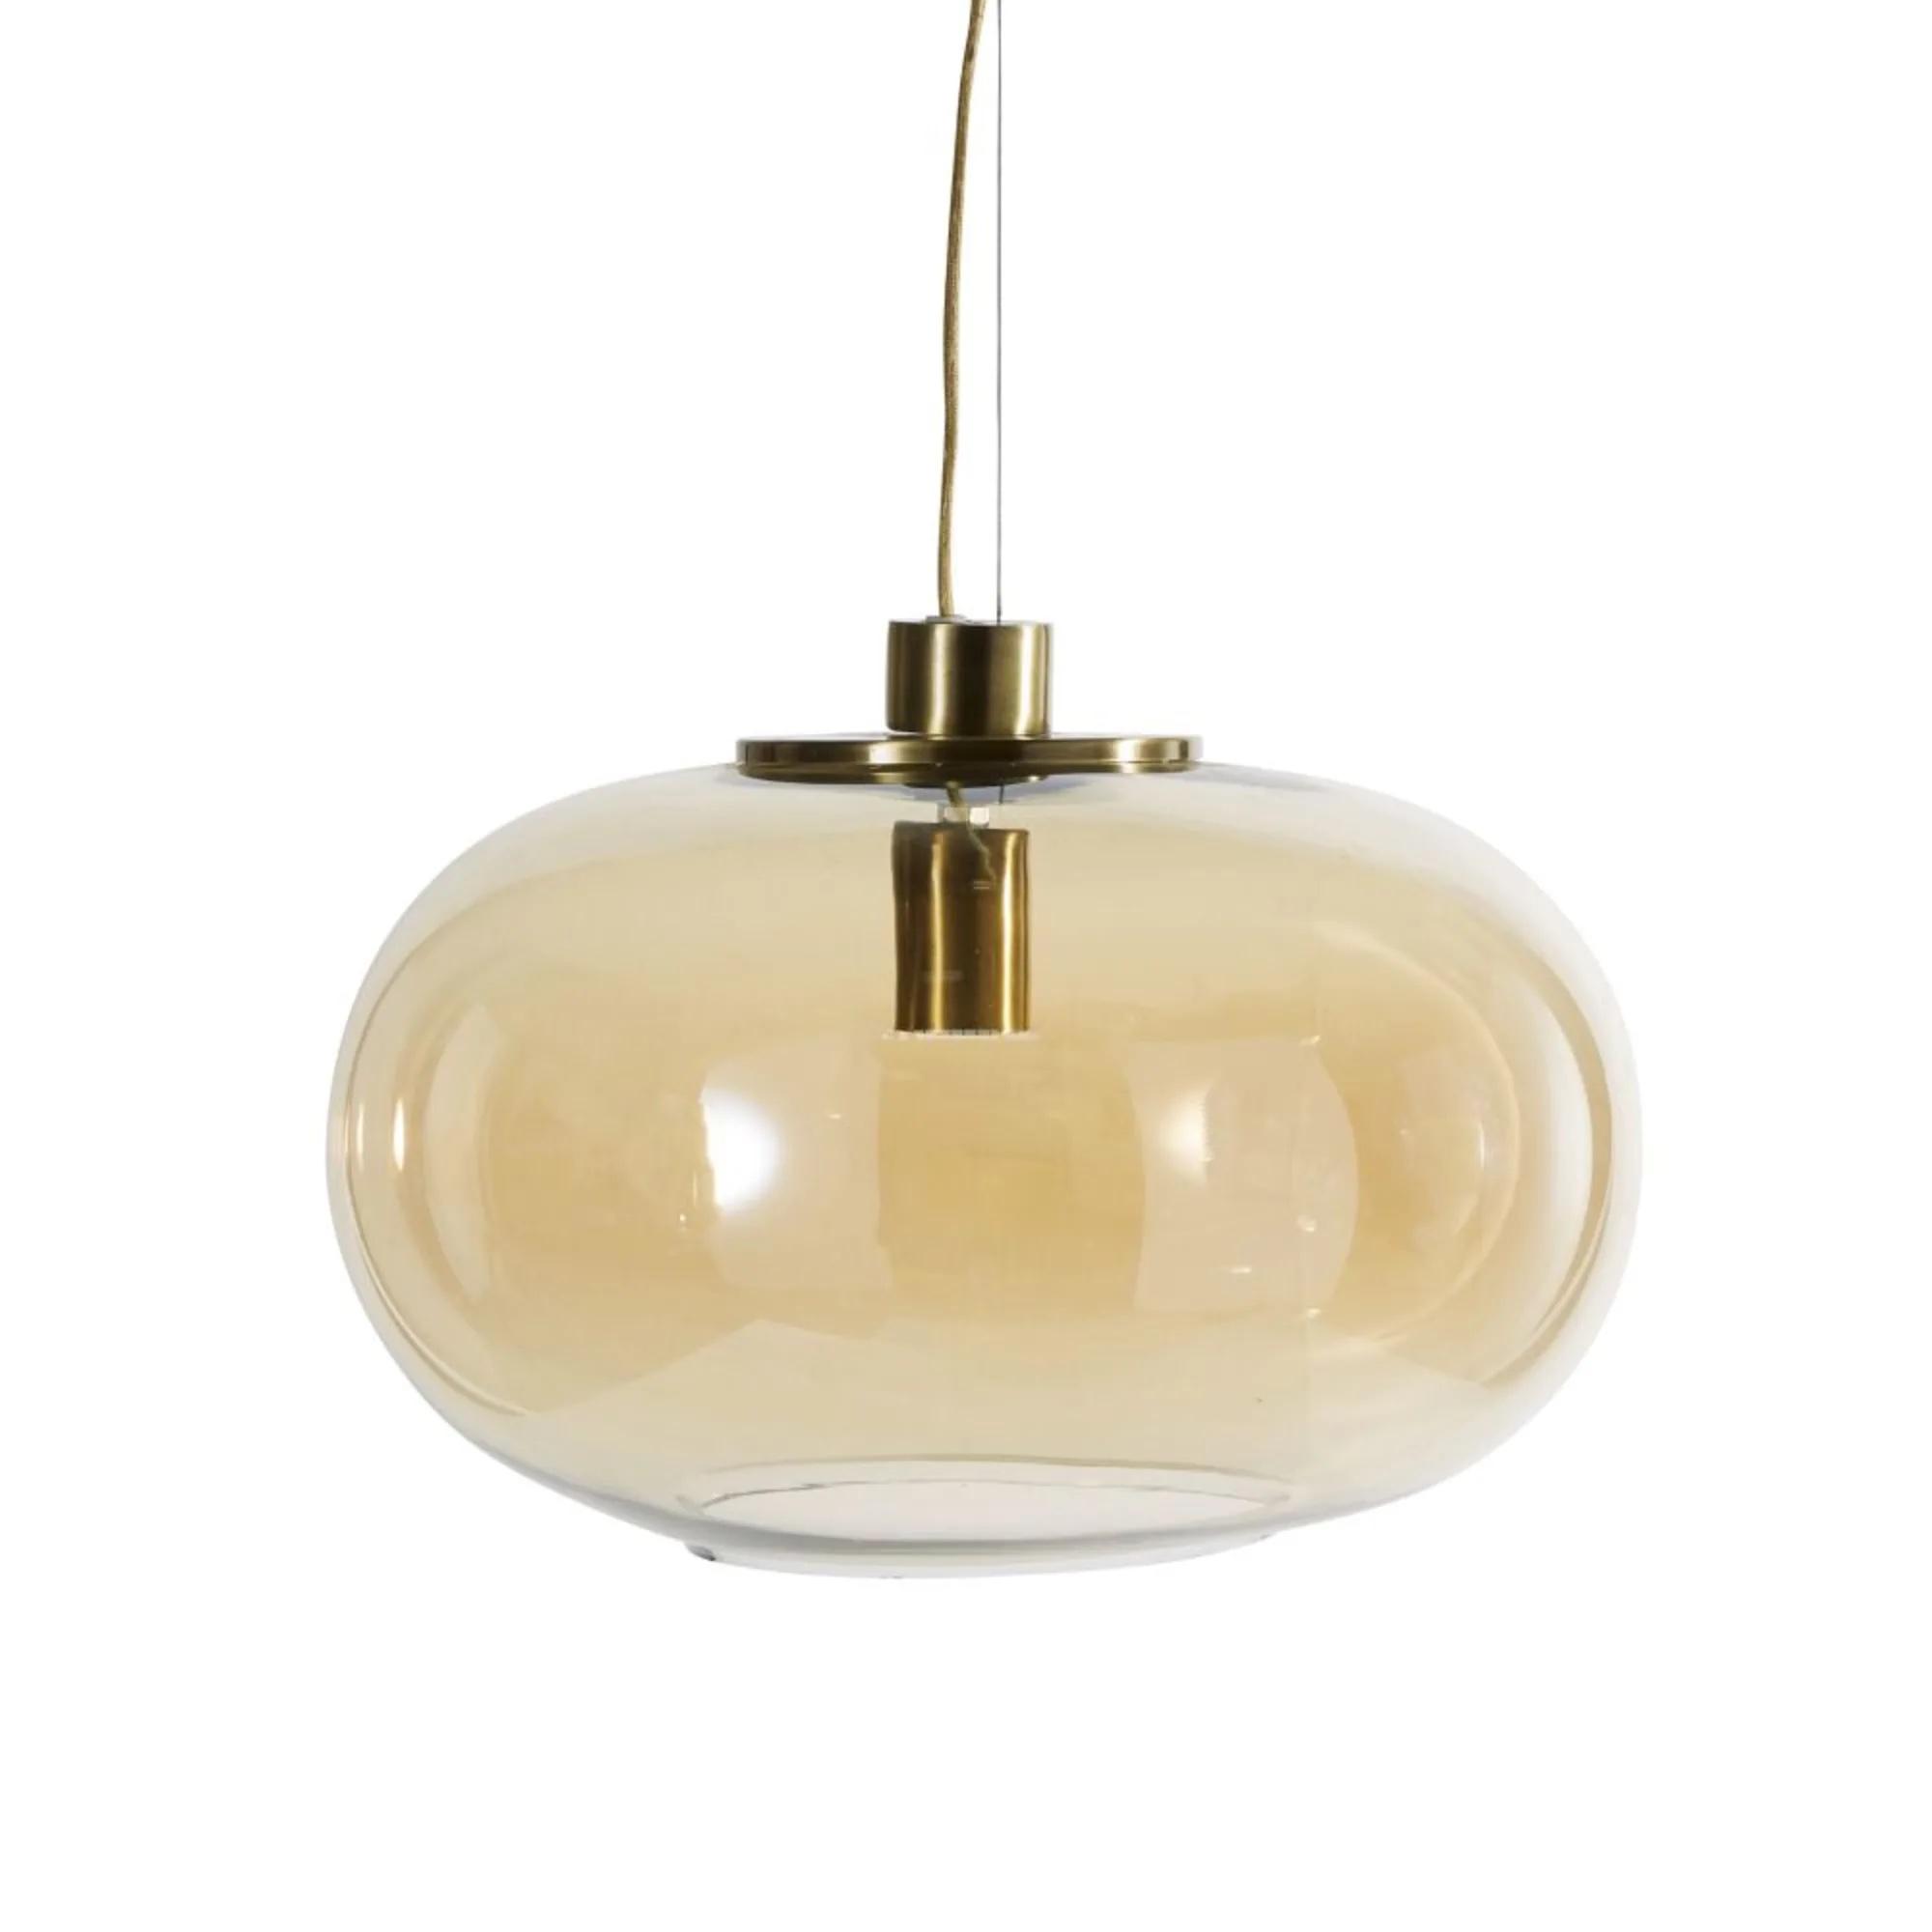 Lámpara de techo de cristal tintado ámbar y metal dorado.